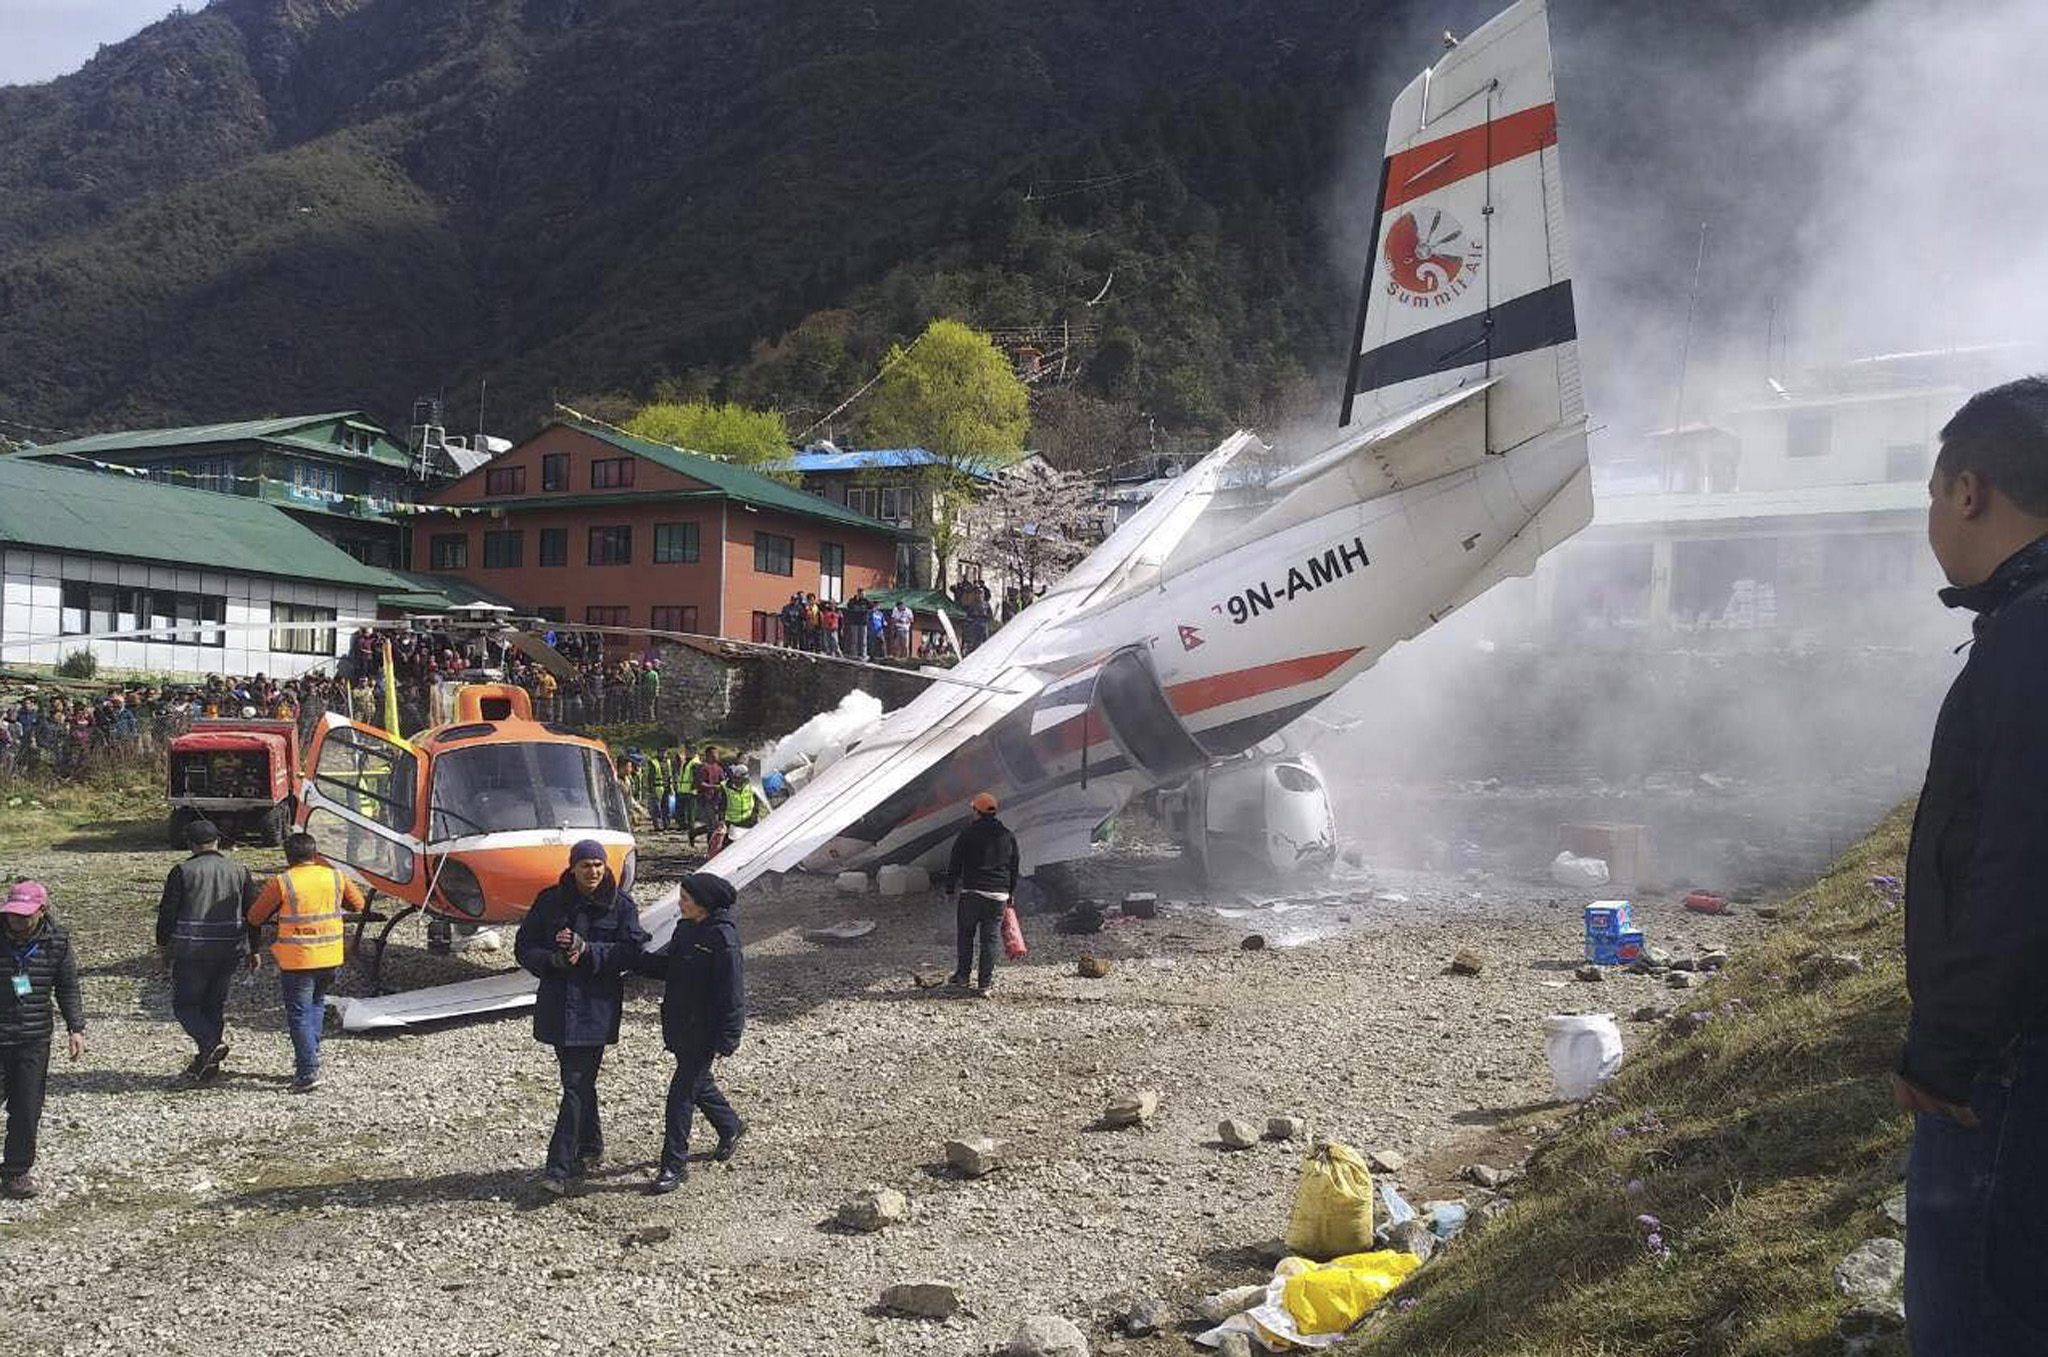 14일(현지시간) 네팔 에베레스트산 관문 루클라의 텐징-힐러리 공항에서 서미트항공 소속 소형비행기가 이륙 도중 주기된 헬리콥터와 충돌했다. [EPA=연합뉴스]